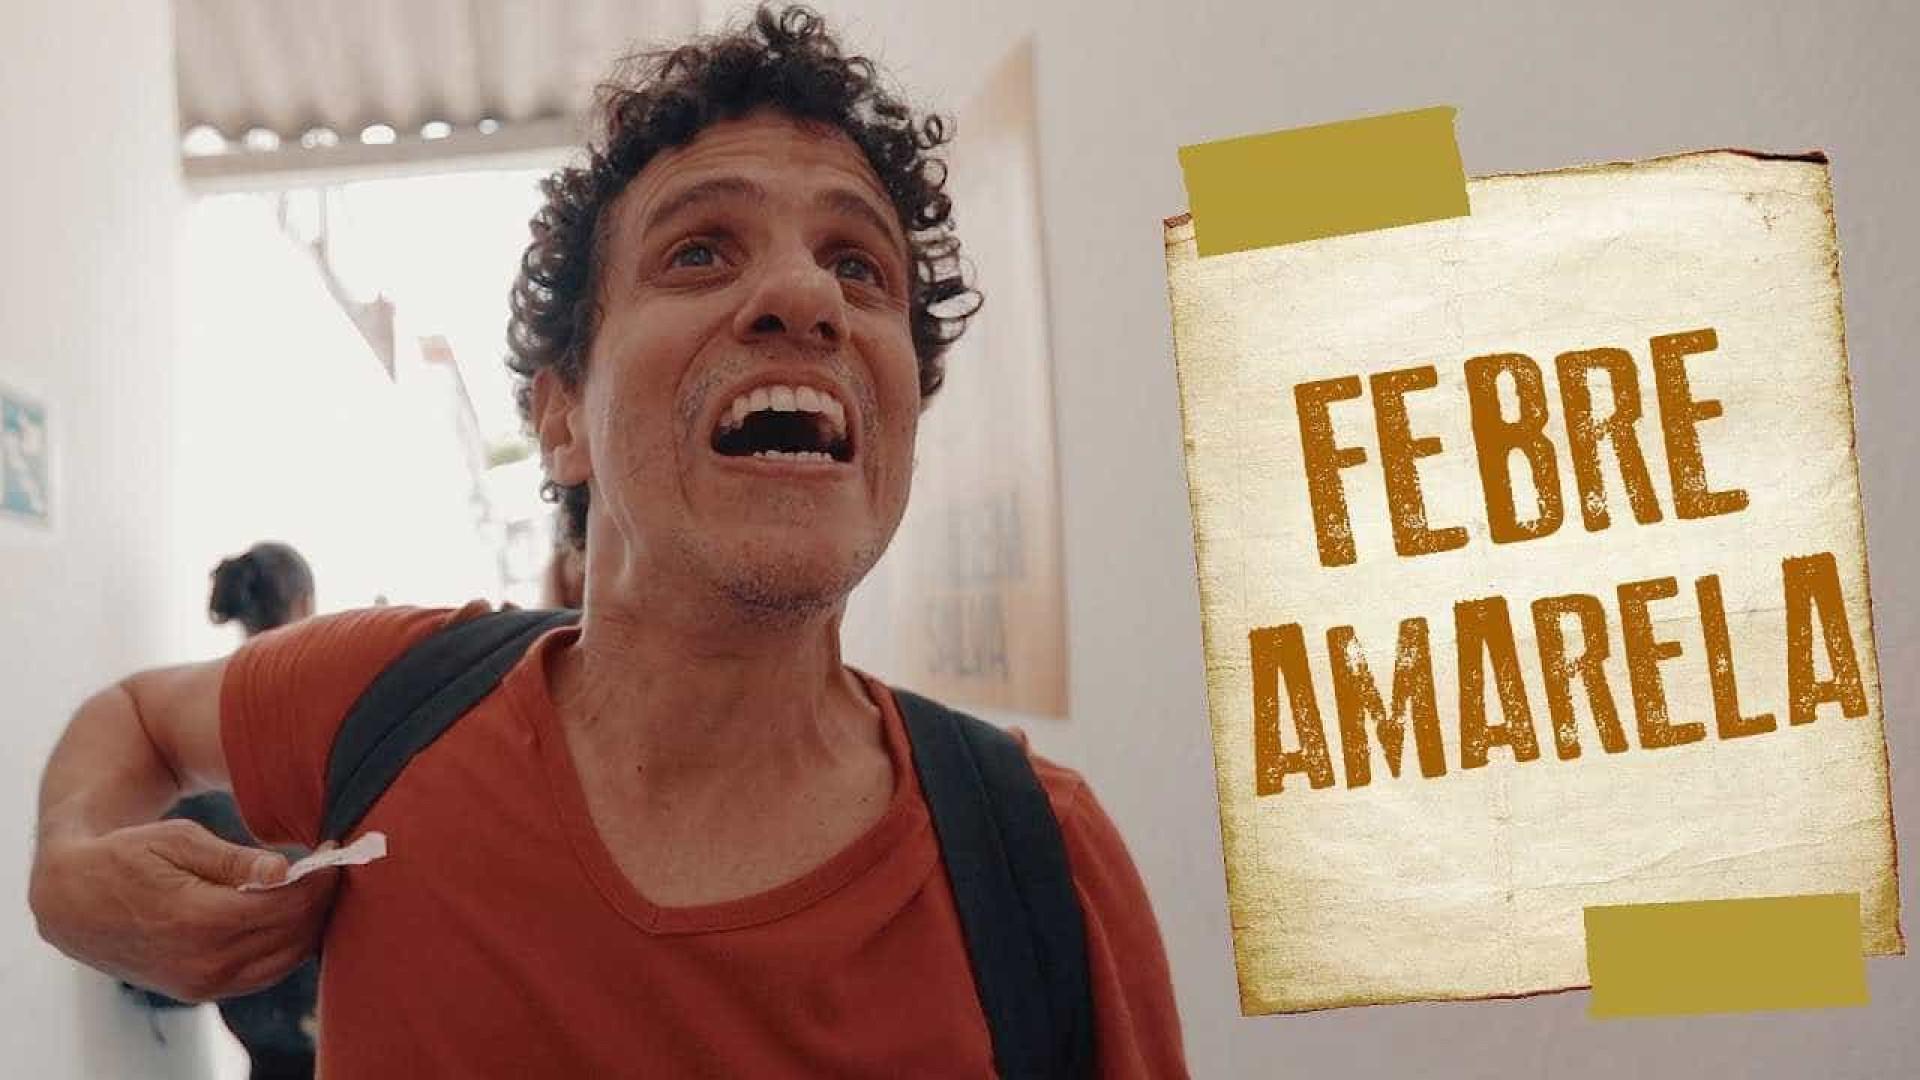 Humoristas comparam fila da vacina de febre amarela a reality; veja